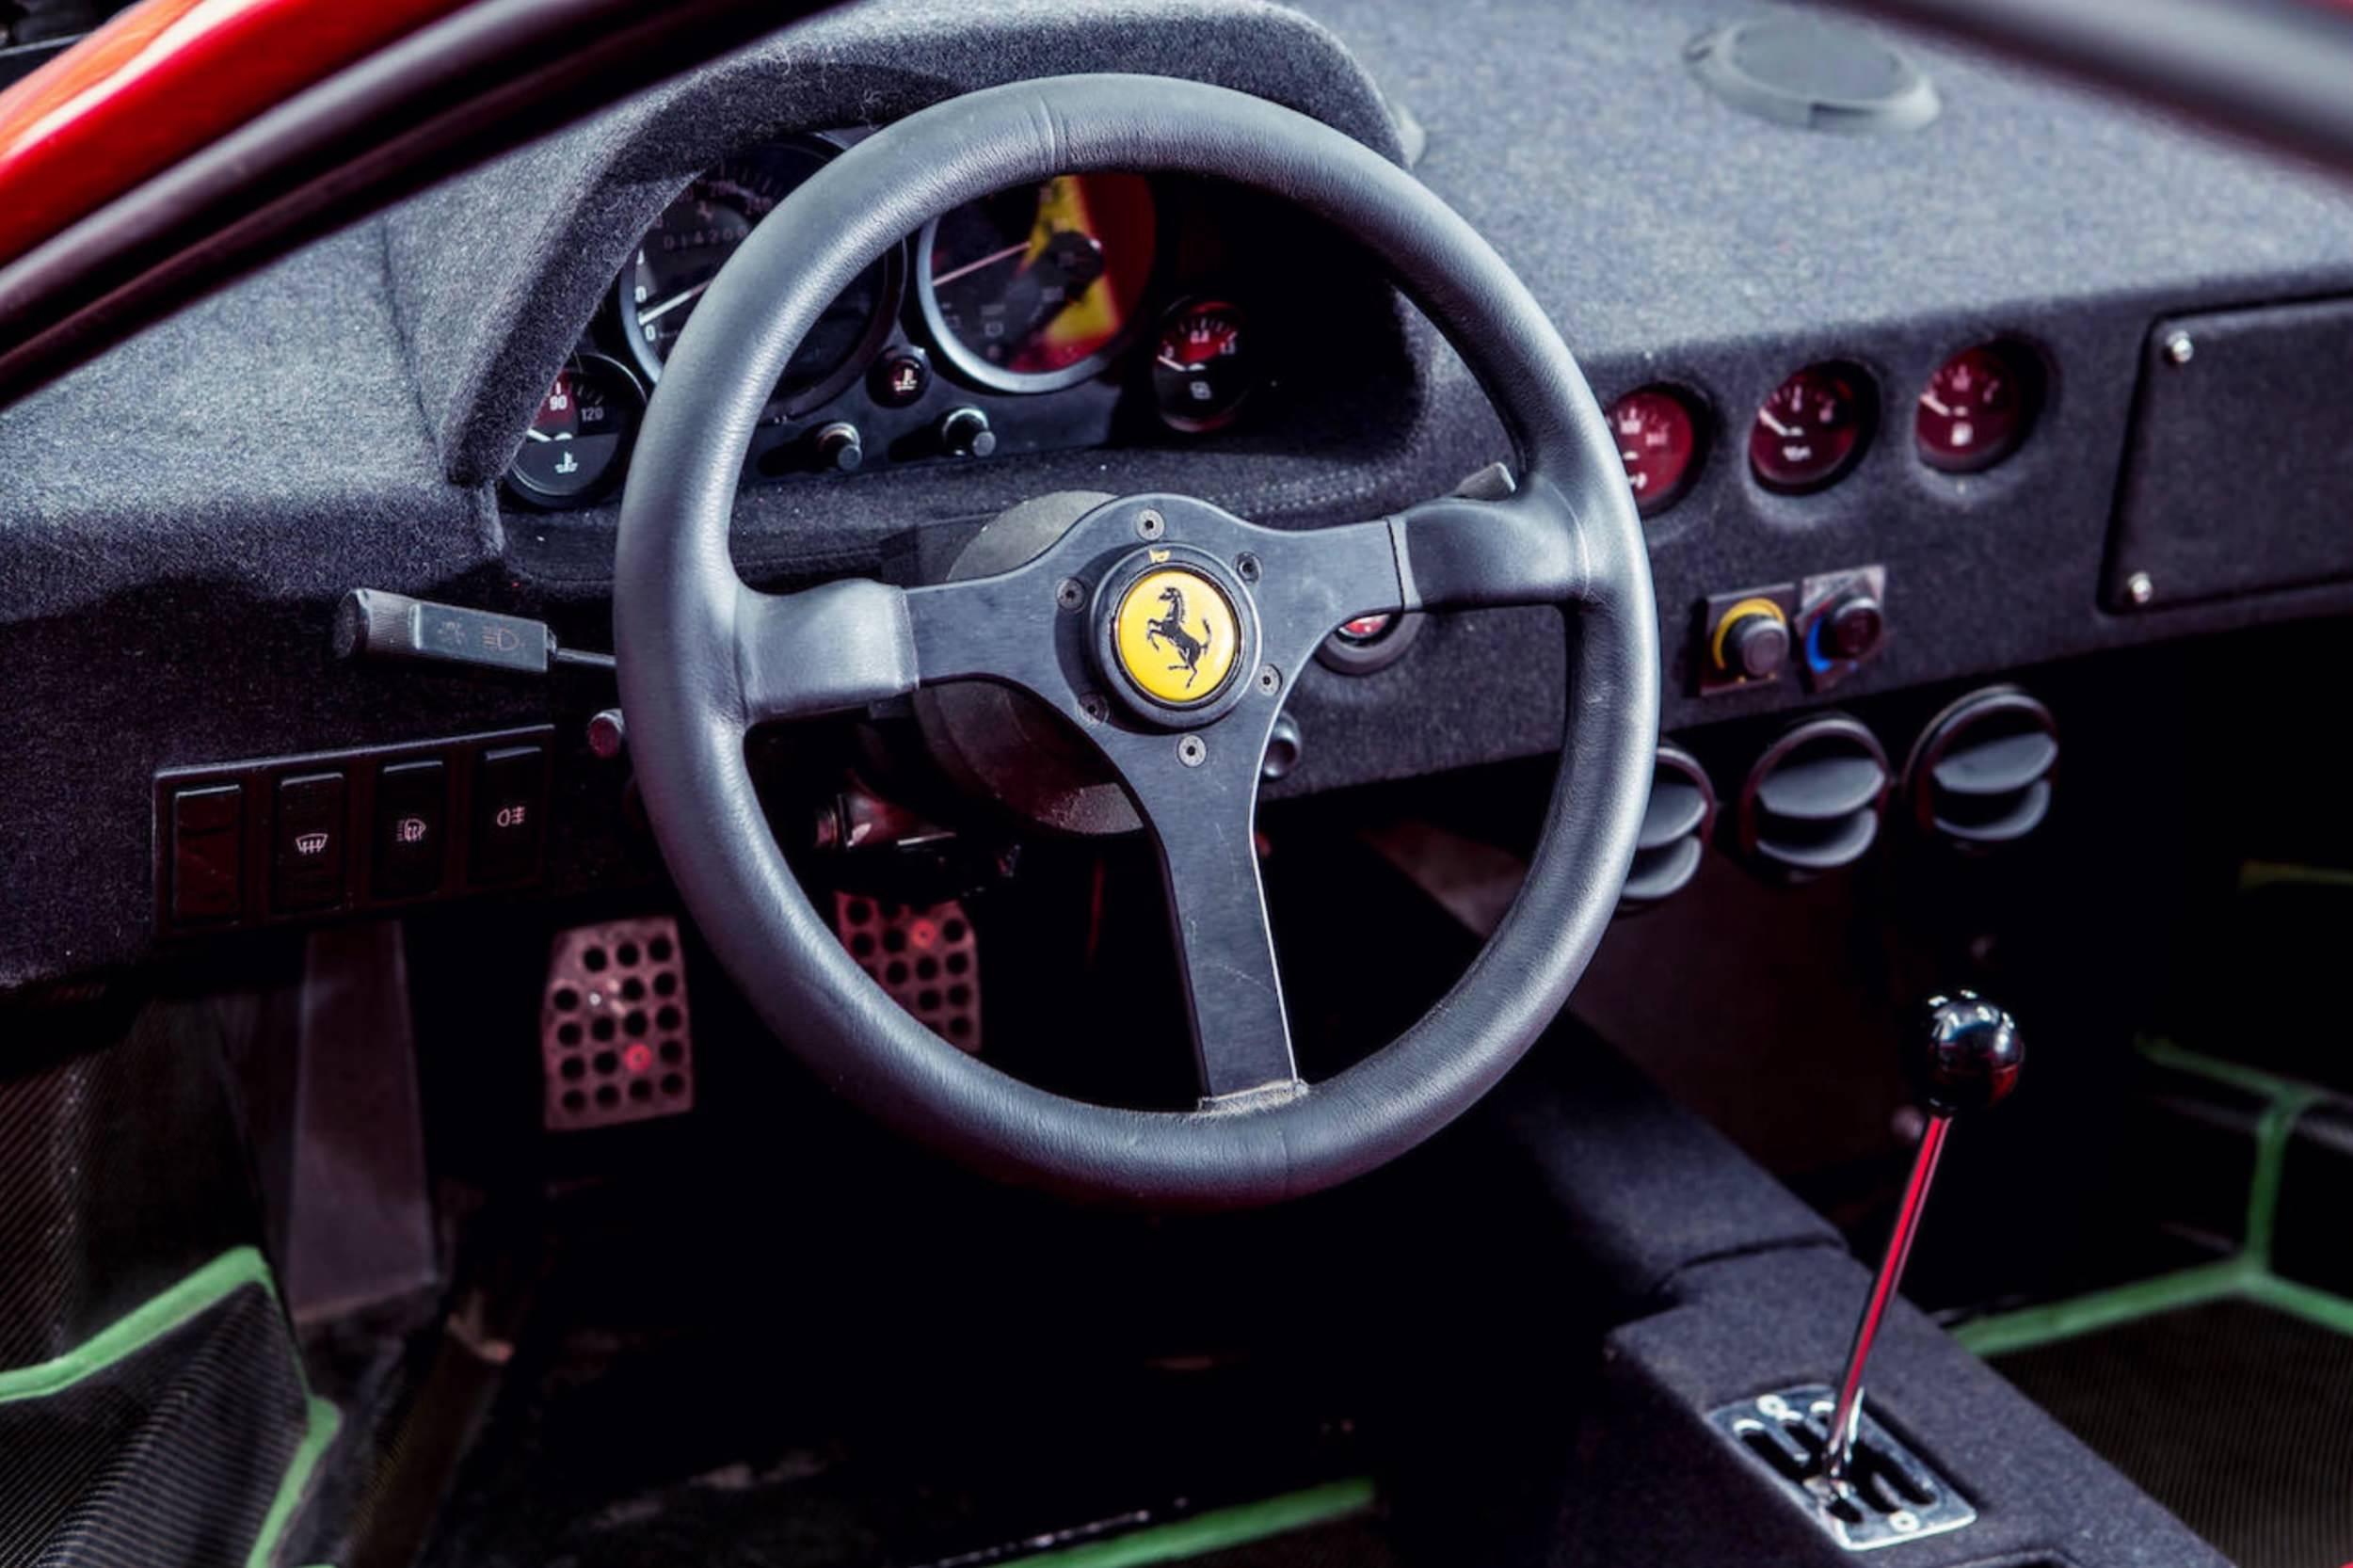 ferrari f40 car 23 - Ex-David Gilmour / Pink Floyd Ferrari F40